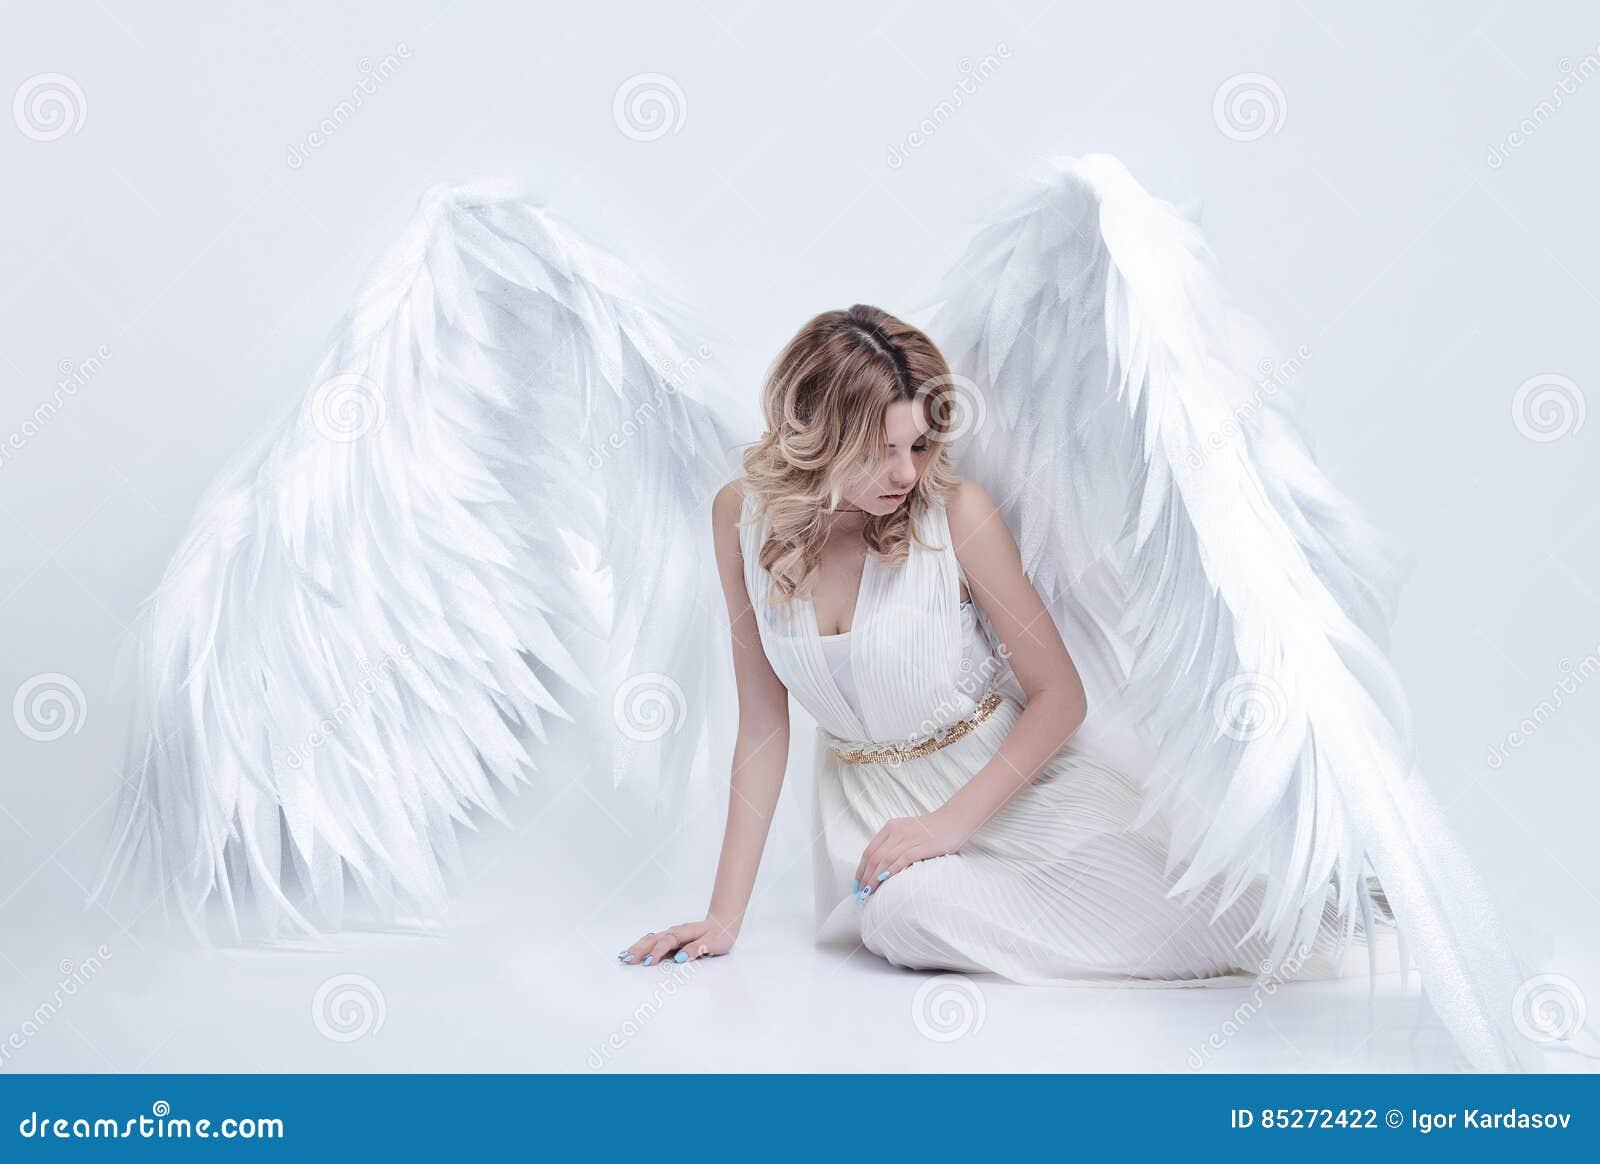 El modelo joven hermoso con ángel grande se va volando sentarse en el estudio